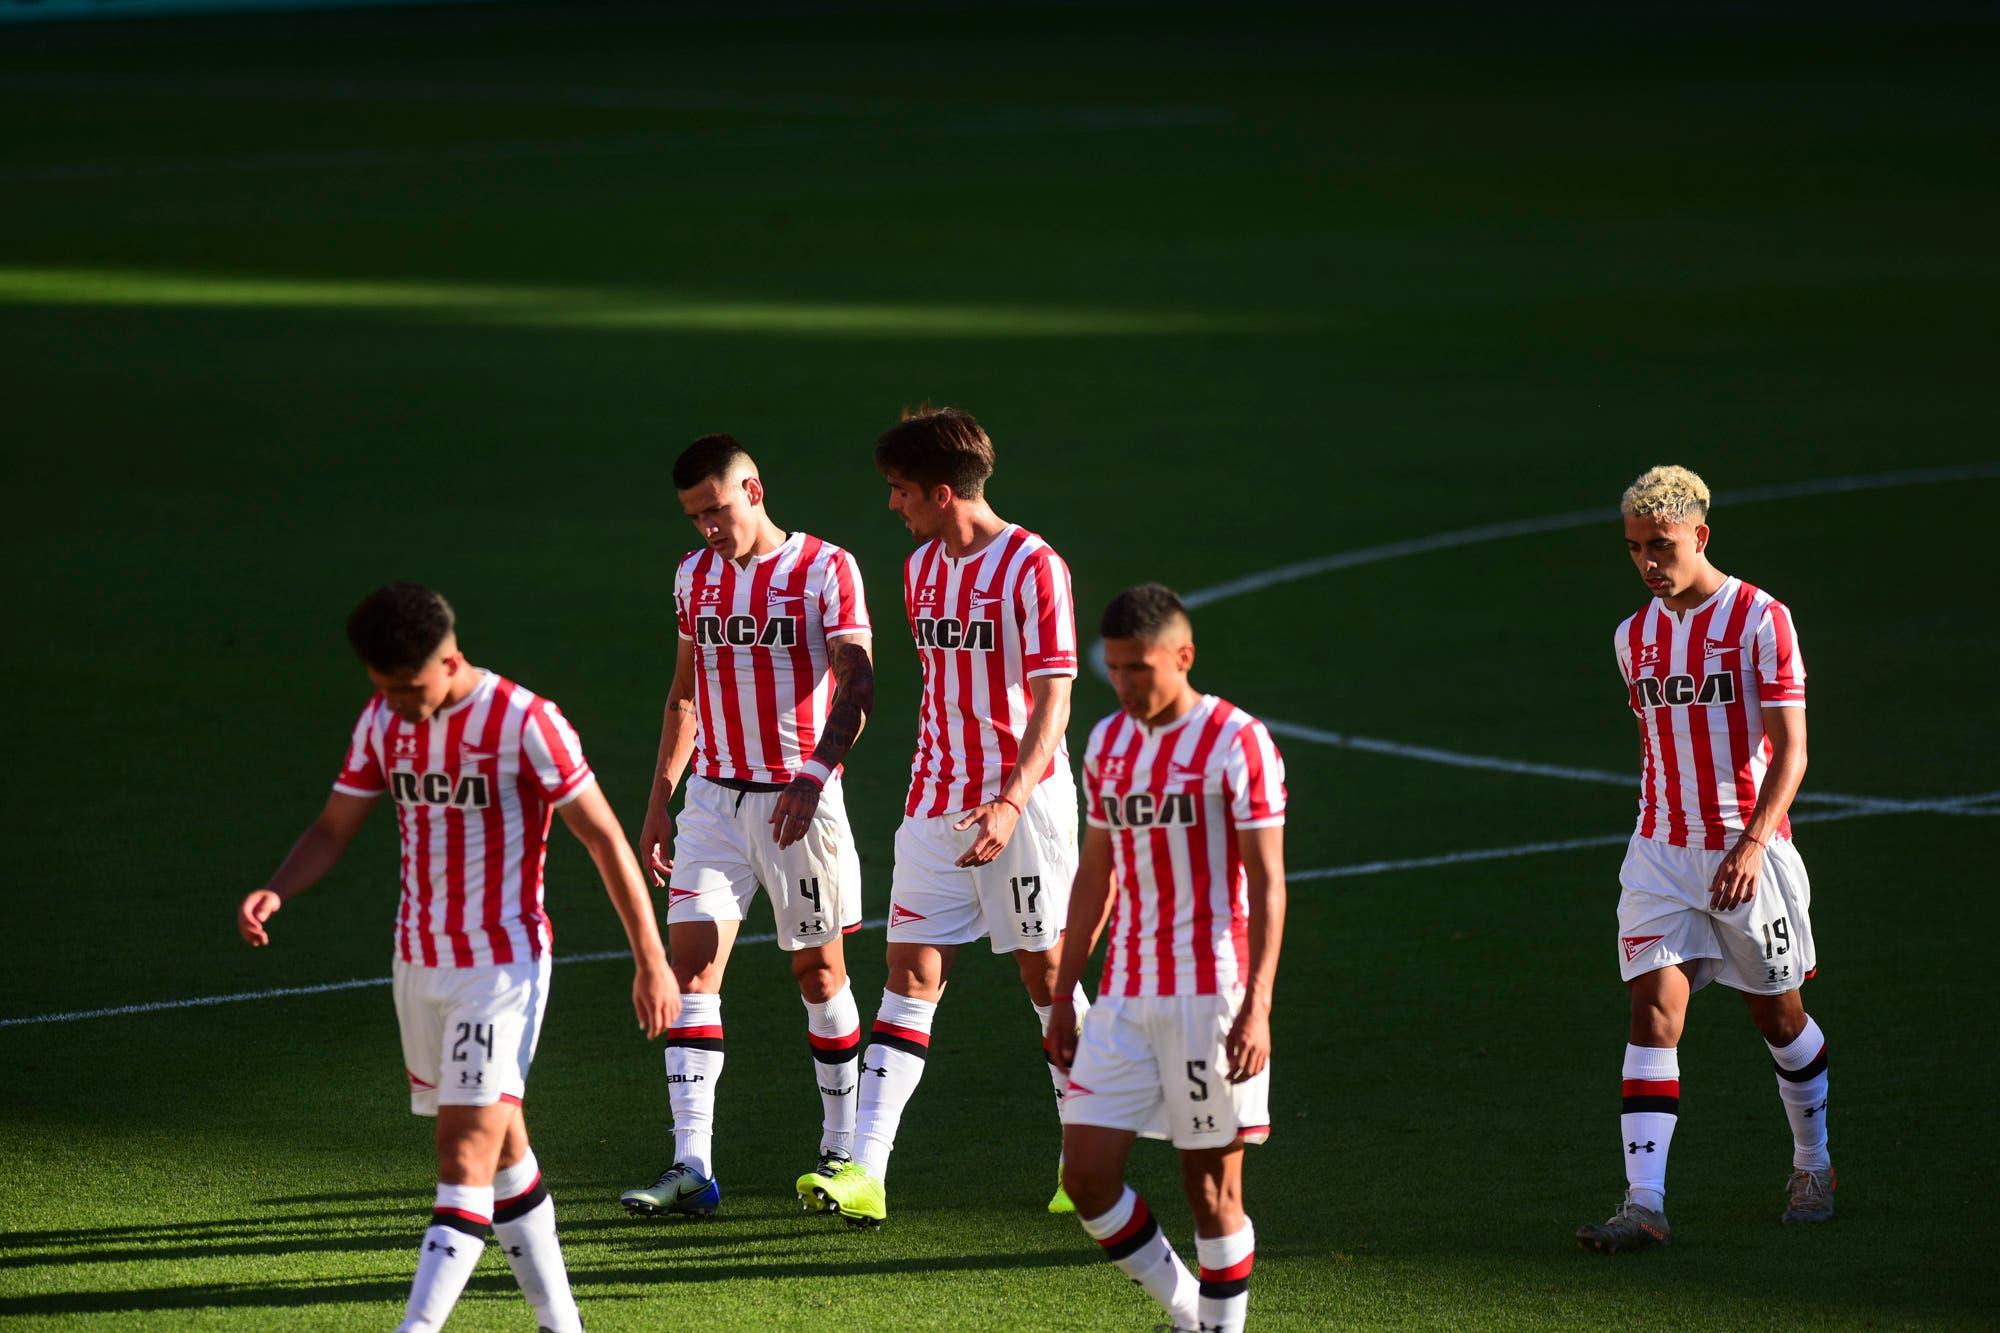 Estudiantes-Aldosivi, por la Copa Liga Profesional: el Pincha volvió a perder y sigue último en la Zona 5